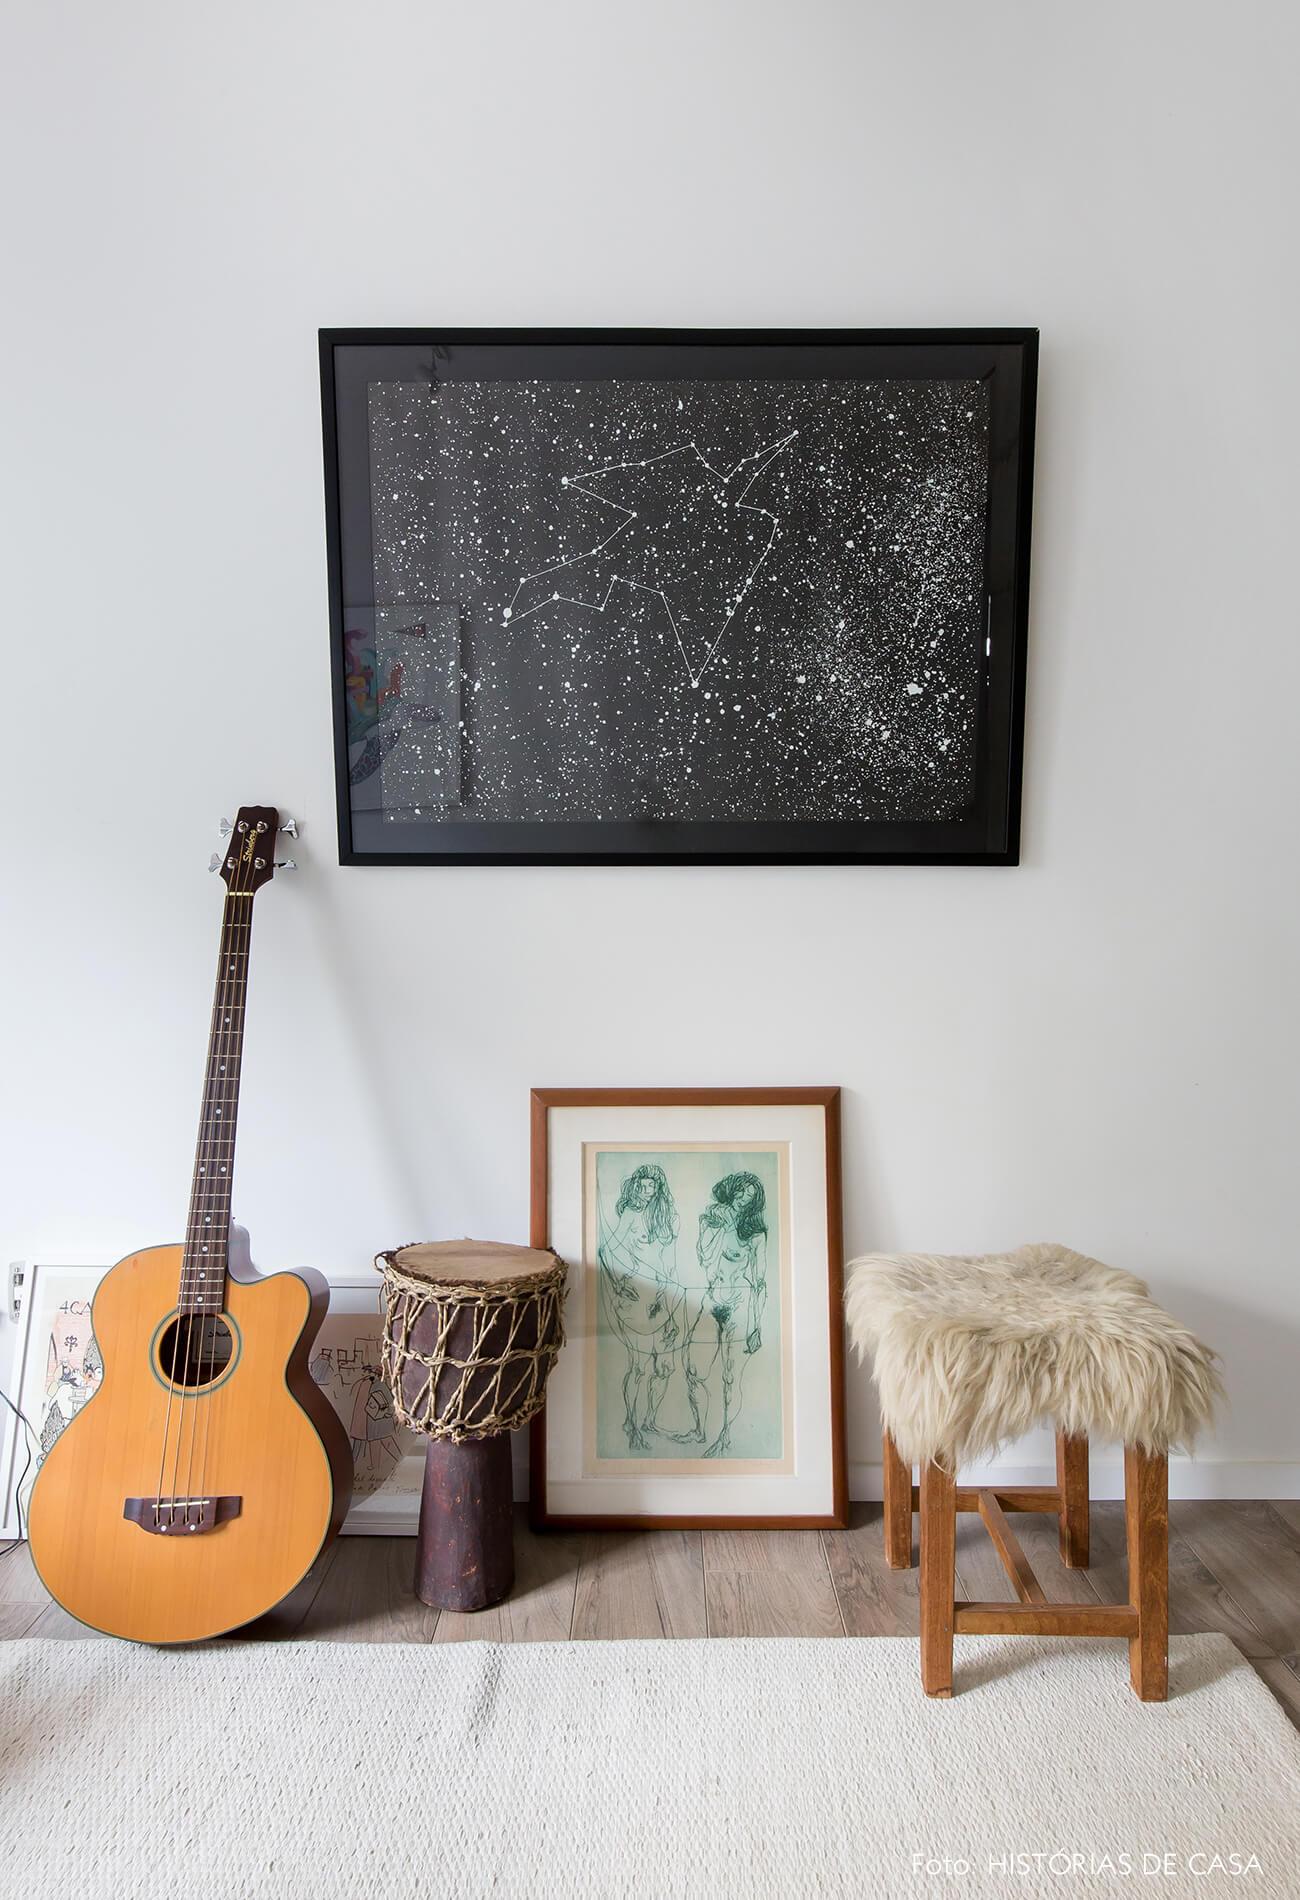 Sala de música com instrumentos e quadro em preto e branco